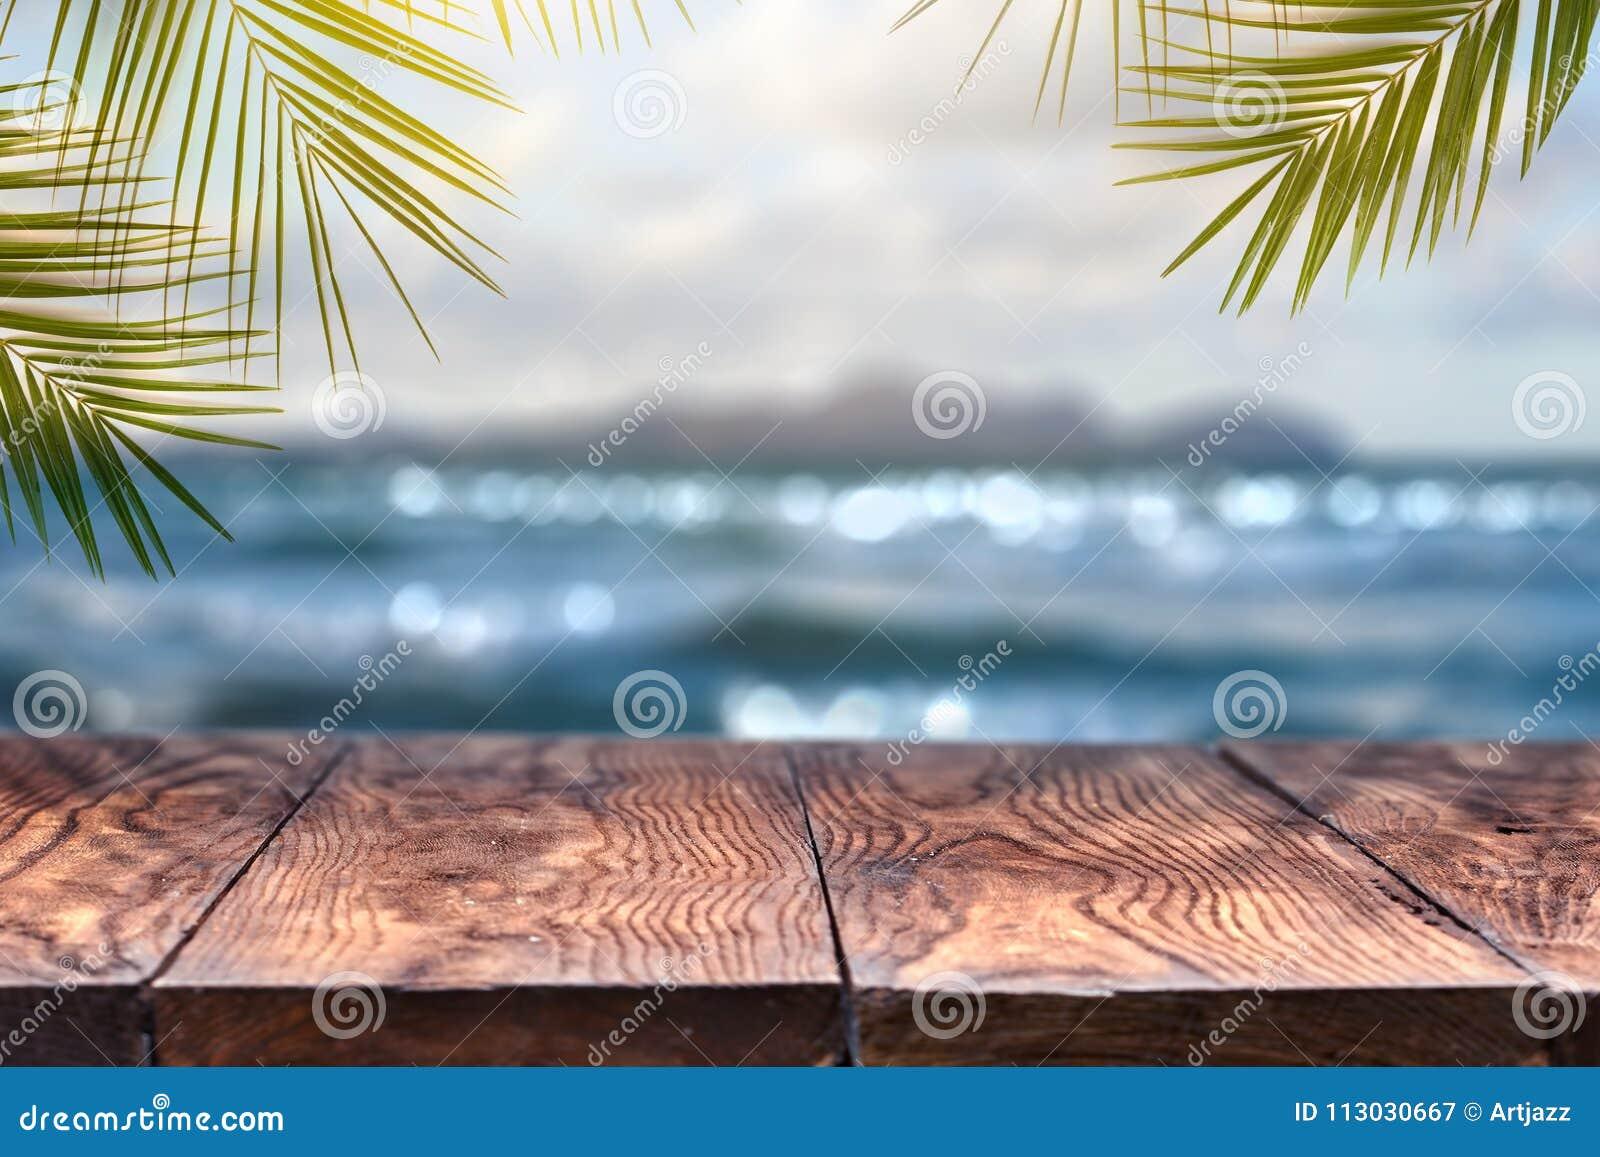 Vare el fondo borroso con el fondo de las hojas de palma con la tabla de madera vieja del vintage